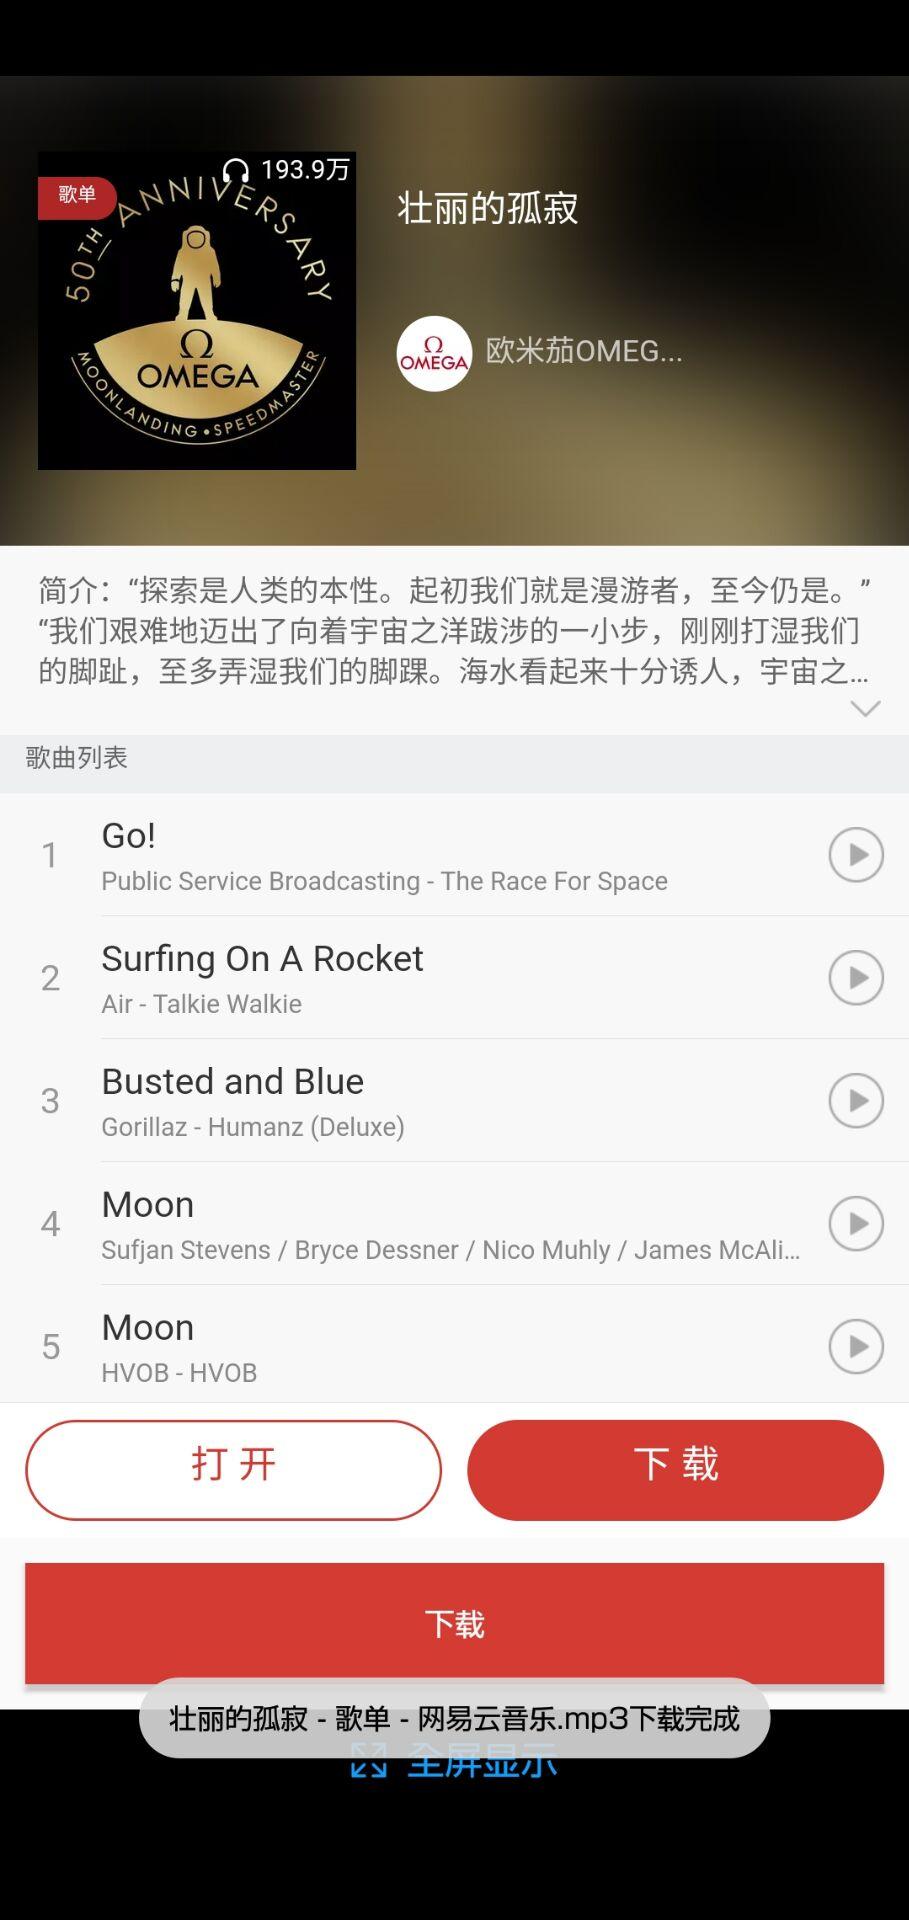 【资源分享】网易云下载器(付费音乐下载)-爱小助